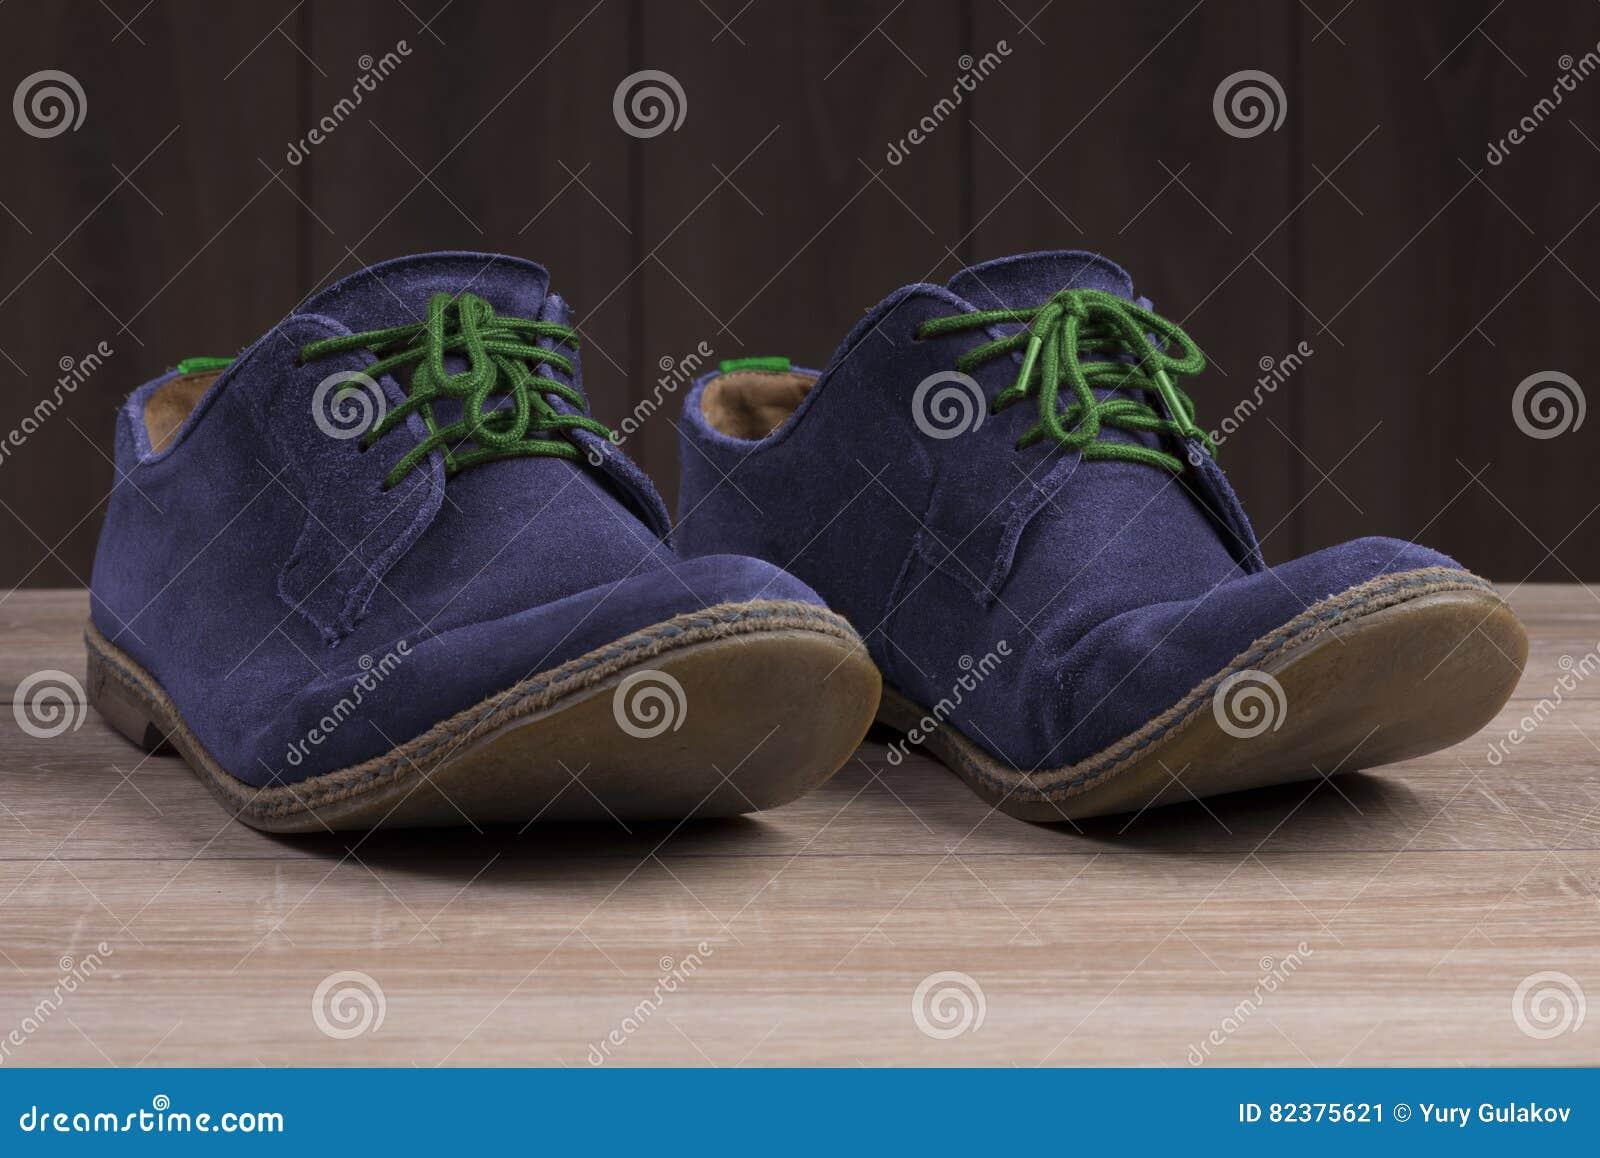 4cc0c5a0c3977 Zapatos Azules Del Ante Con Los Cordones Verdes Imagen de archivo ...